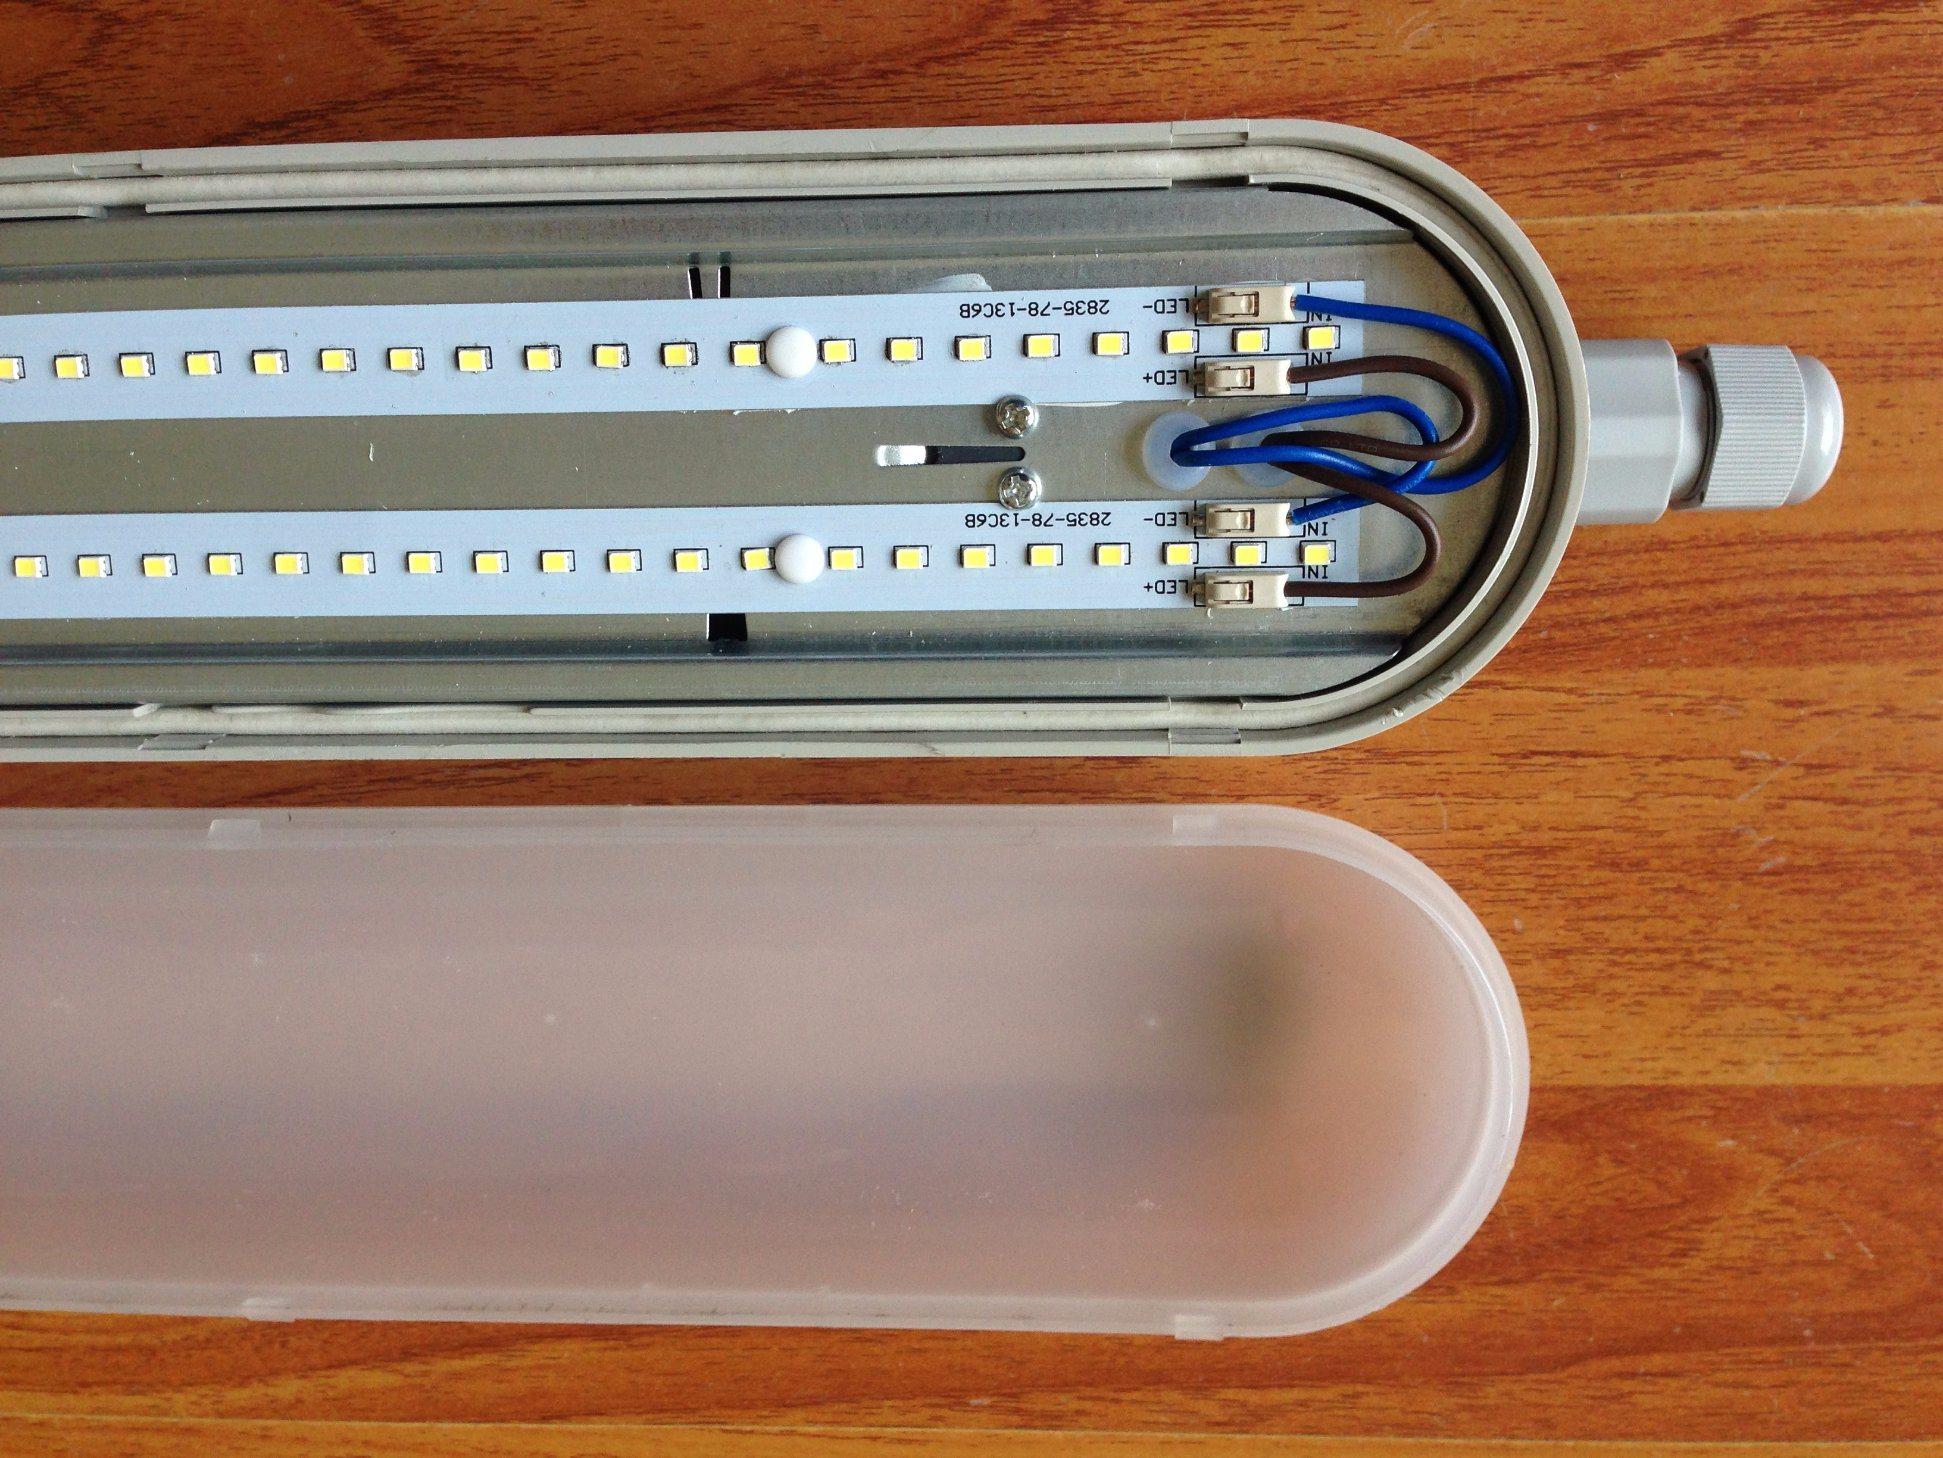 LED Waterproof Lighting